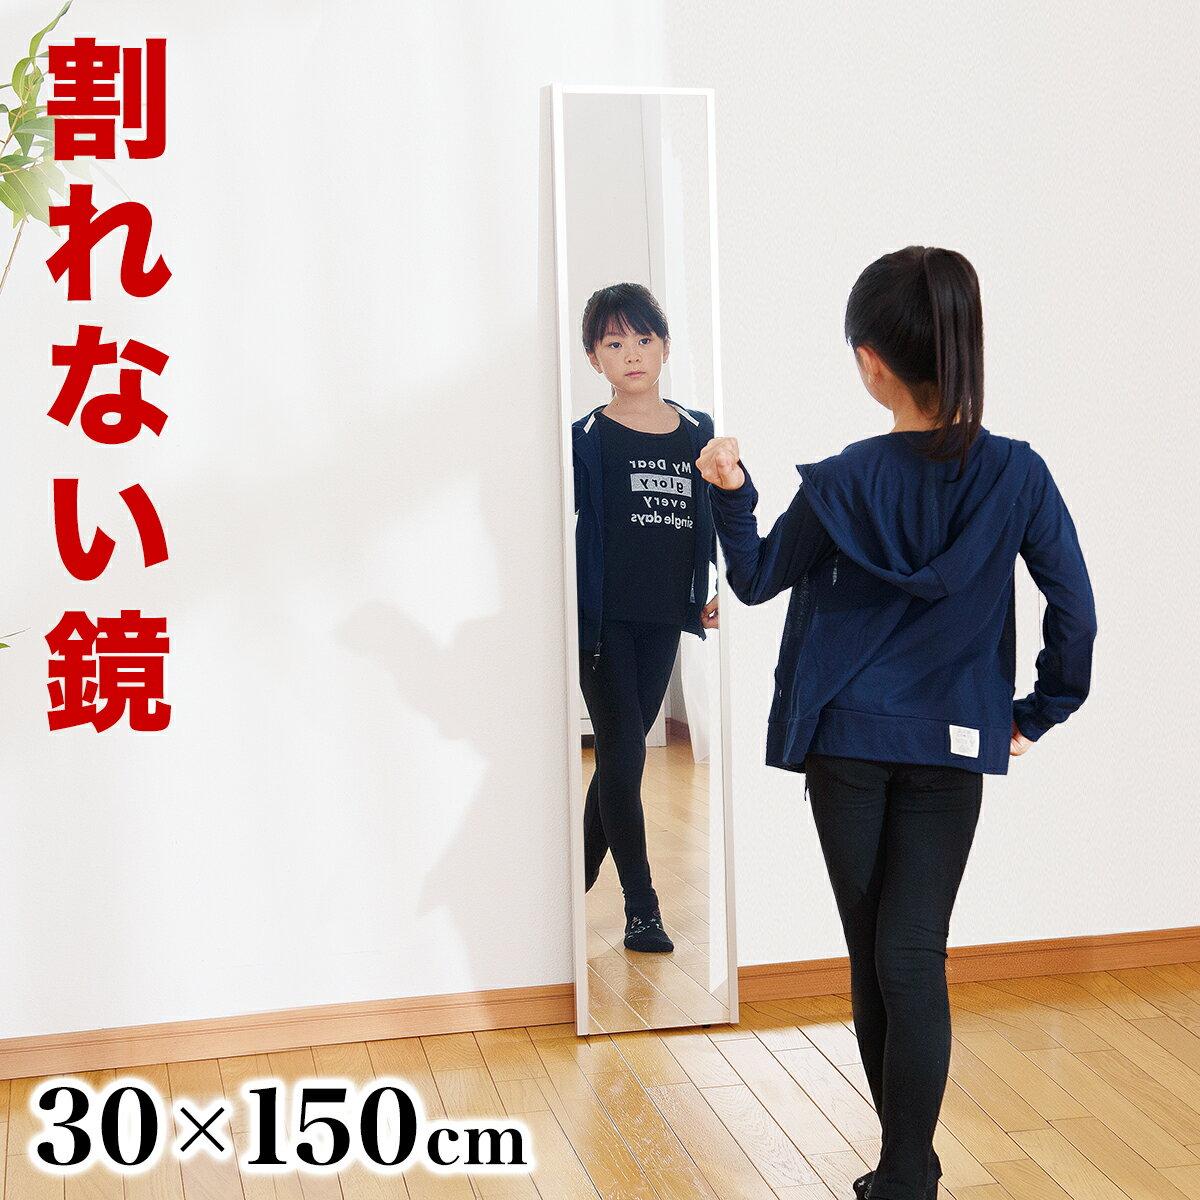 姿見 幅30 高さ150cm 割れない鏡 リフェクスミラー refex ミラー 割れない 日本製 鏡 壁掛け 全身 おしゃれ 姿見 ミラー 国産 フィルム 軽量 薄い 軽い 薄型 安全 ロング スリム 大型 吊り式 幅30cm 30×150 みだしなみ 玄関 RM-3 rvpr